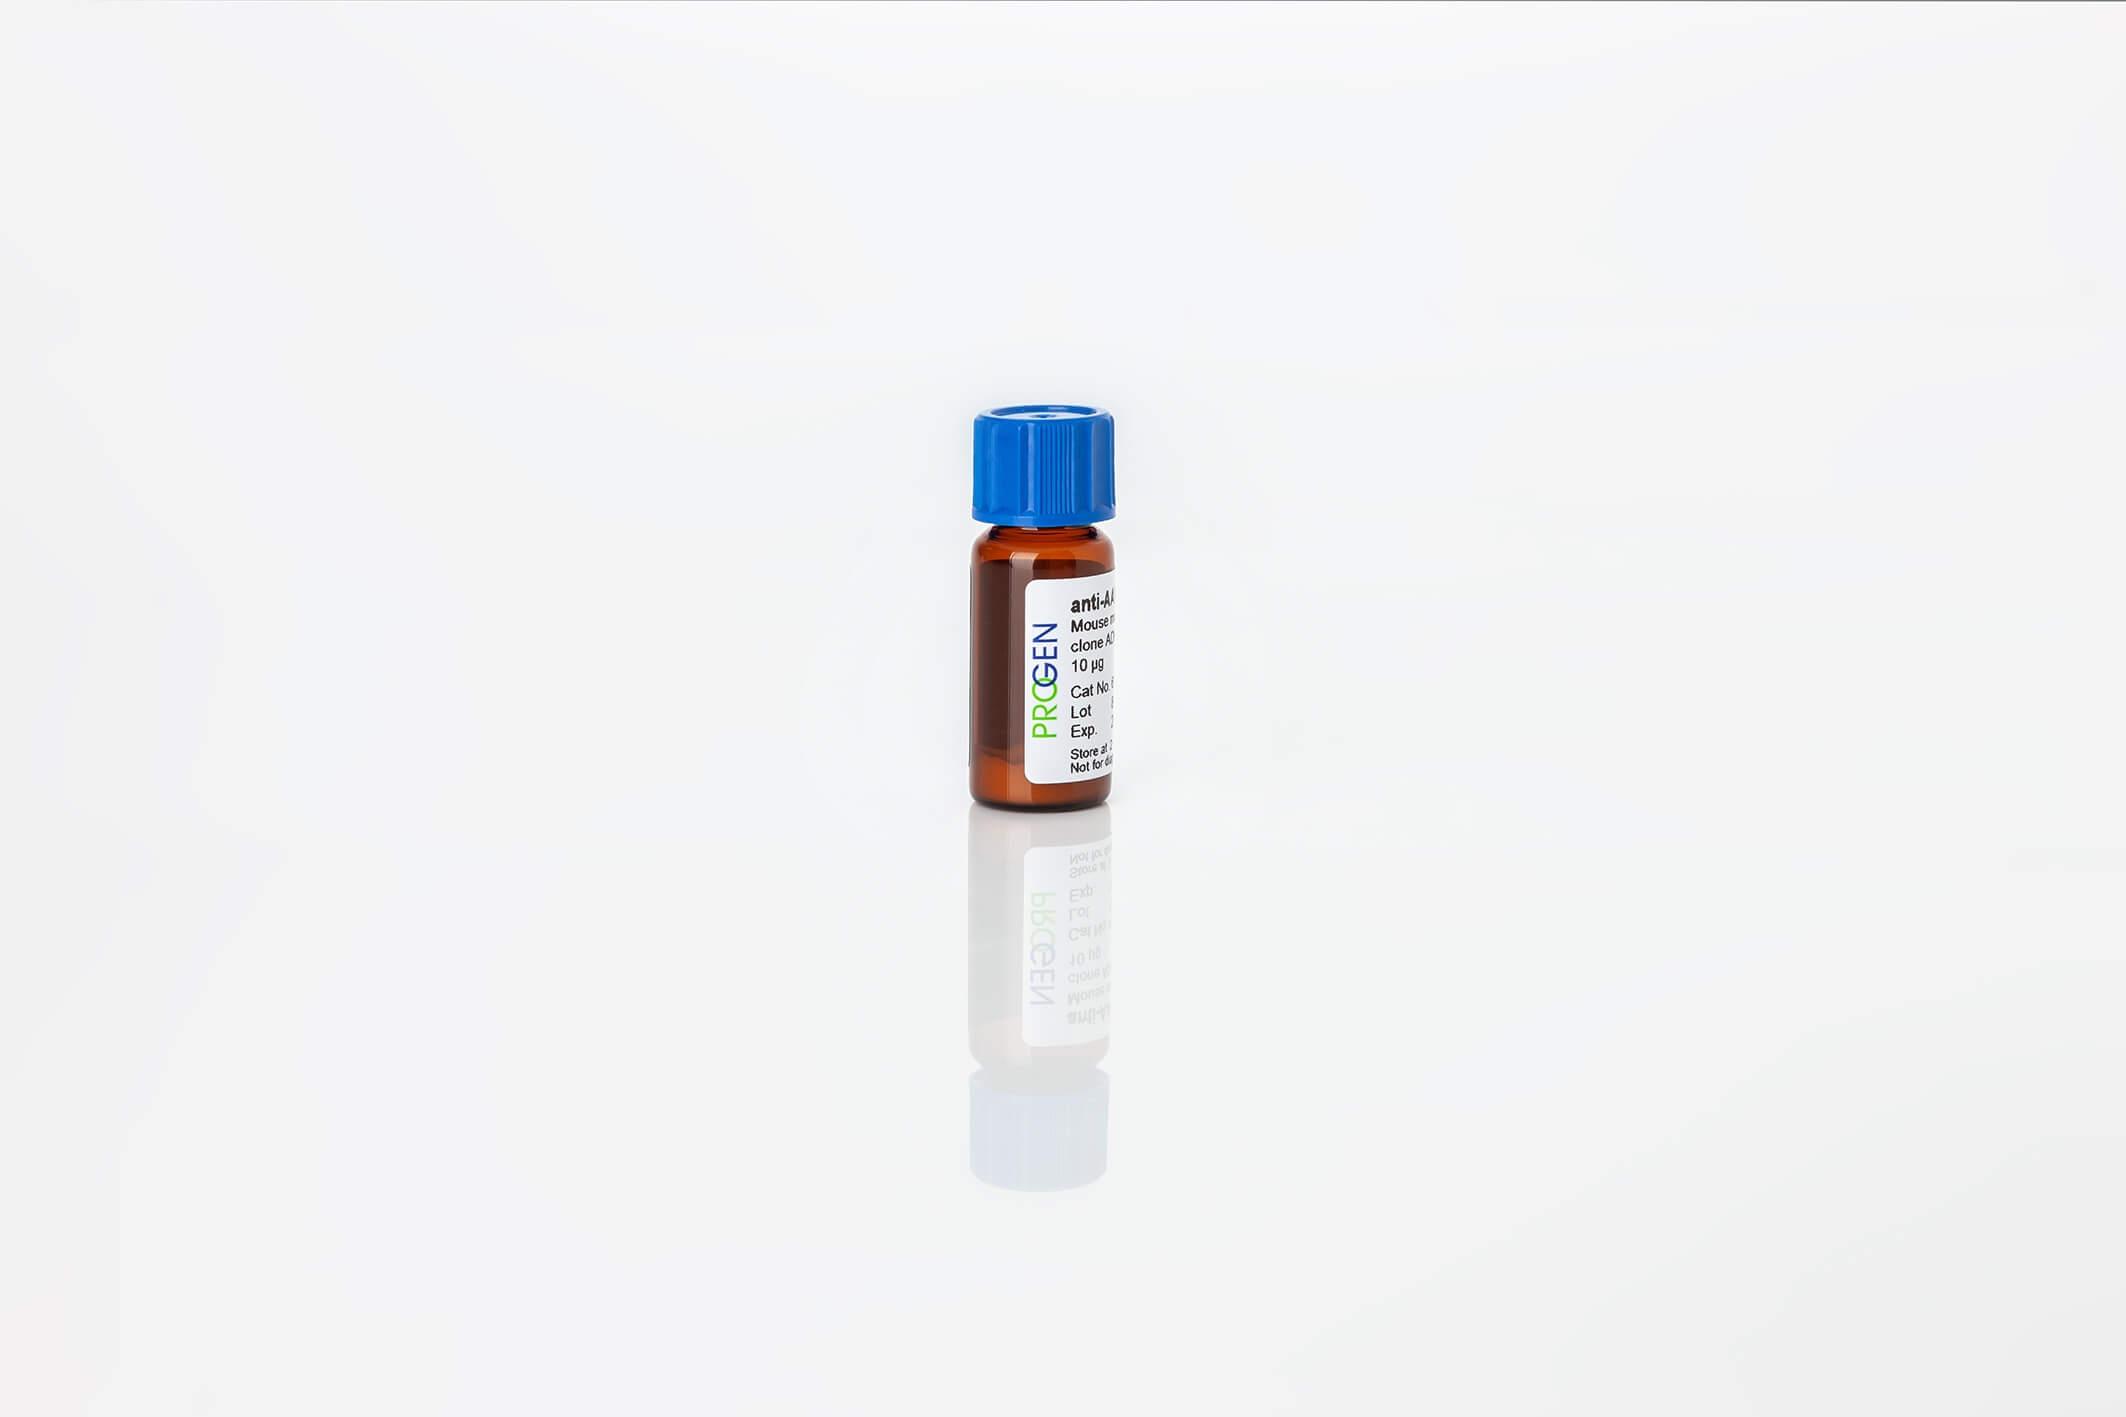 anti-delta Catenin guinea pig polyclonal, serum